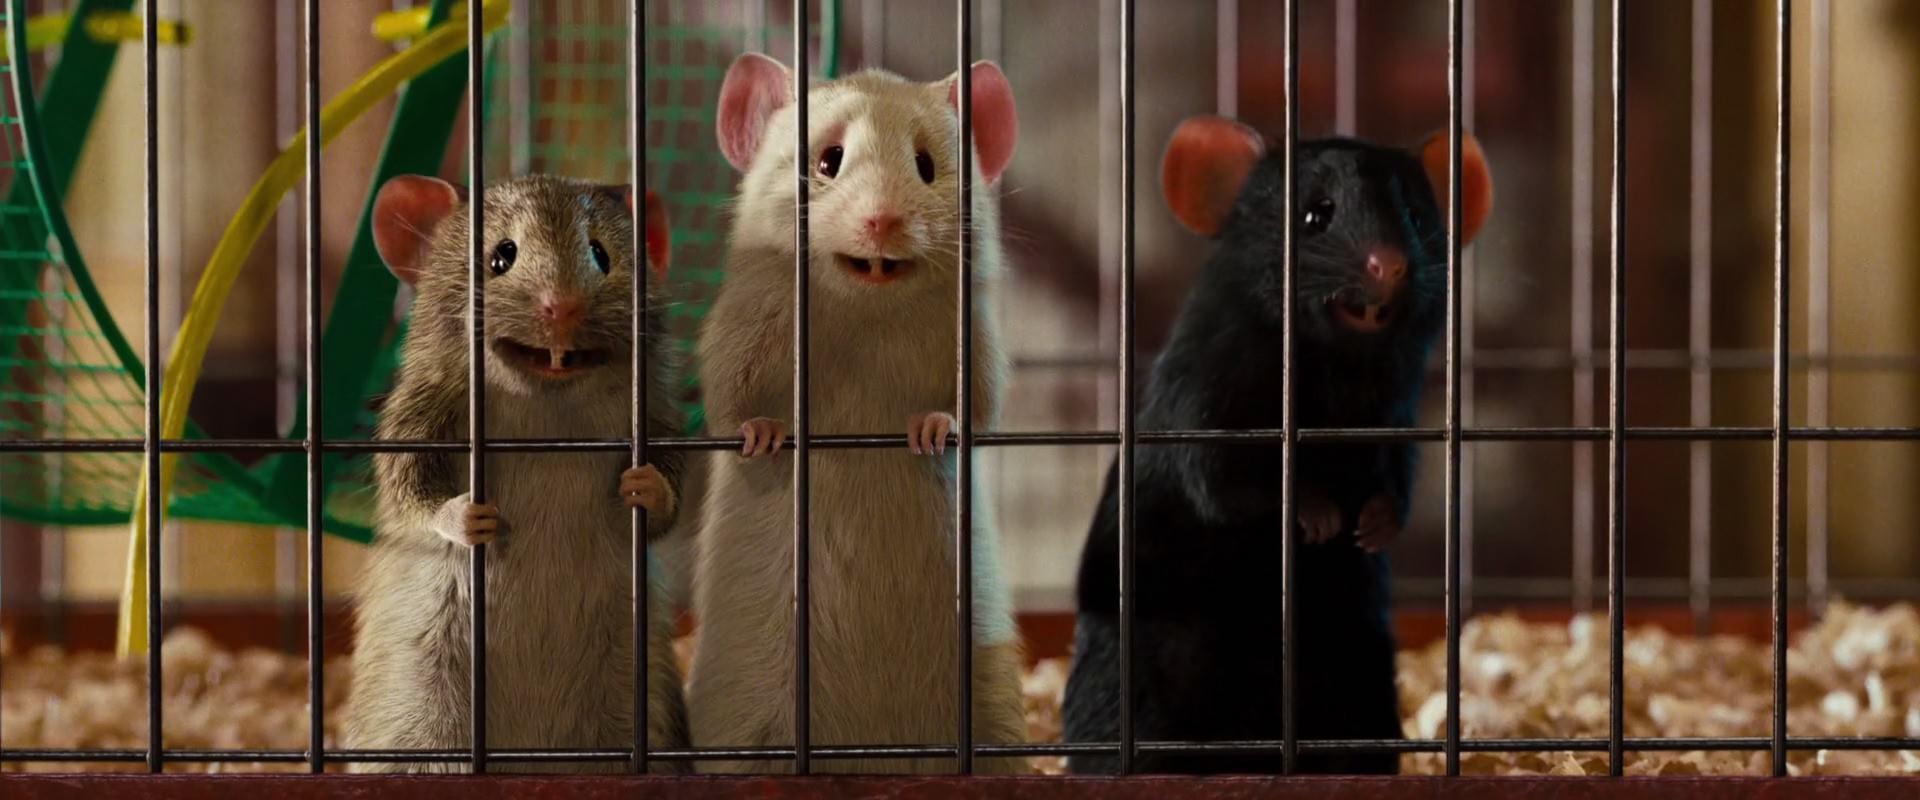 The Mice